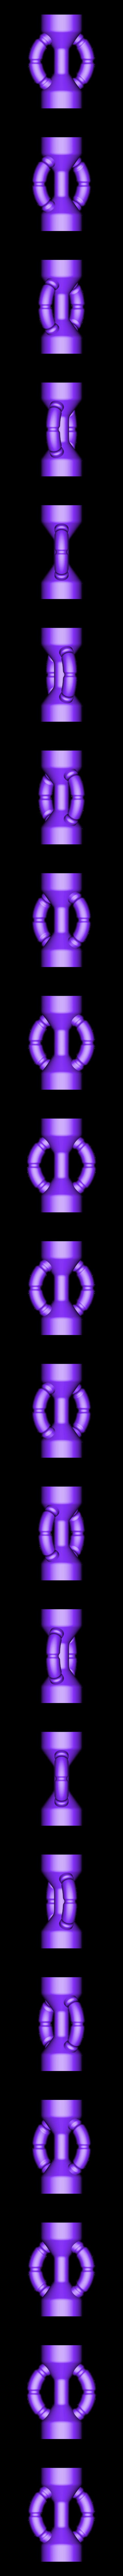 king's spear 11.stl Télécharger fichier STL gratuit King's Chastiefol • Design pour imprimante 3D, ChrisBobo